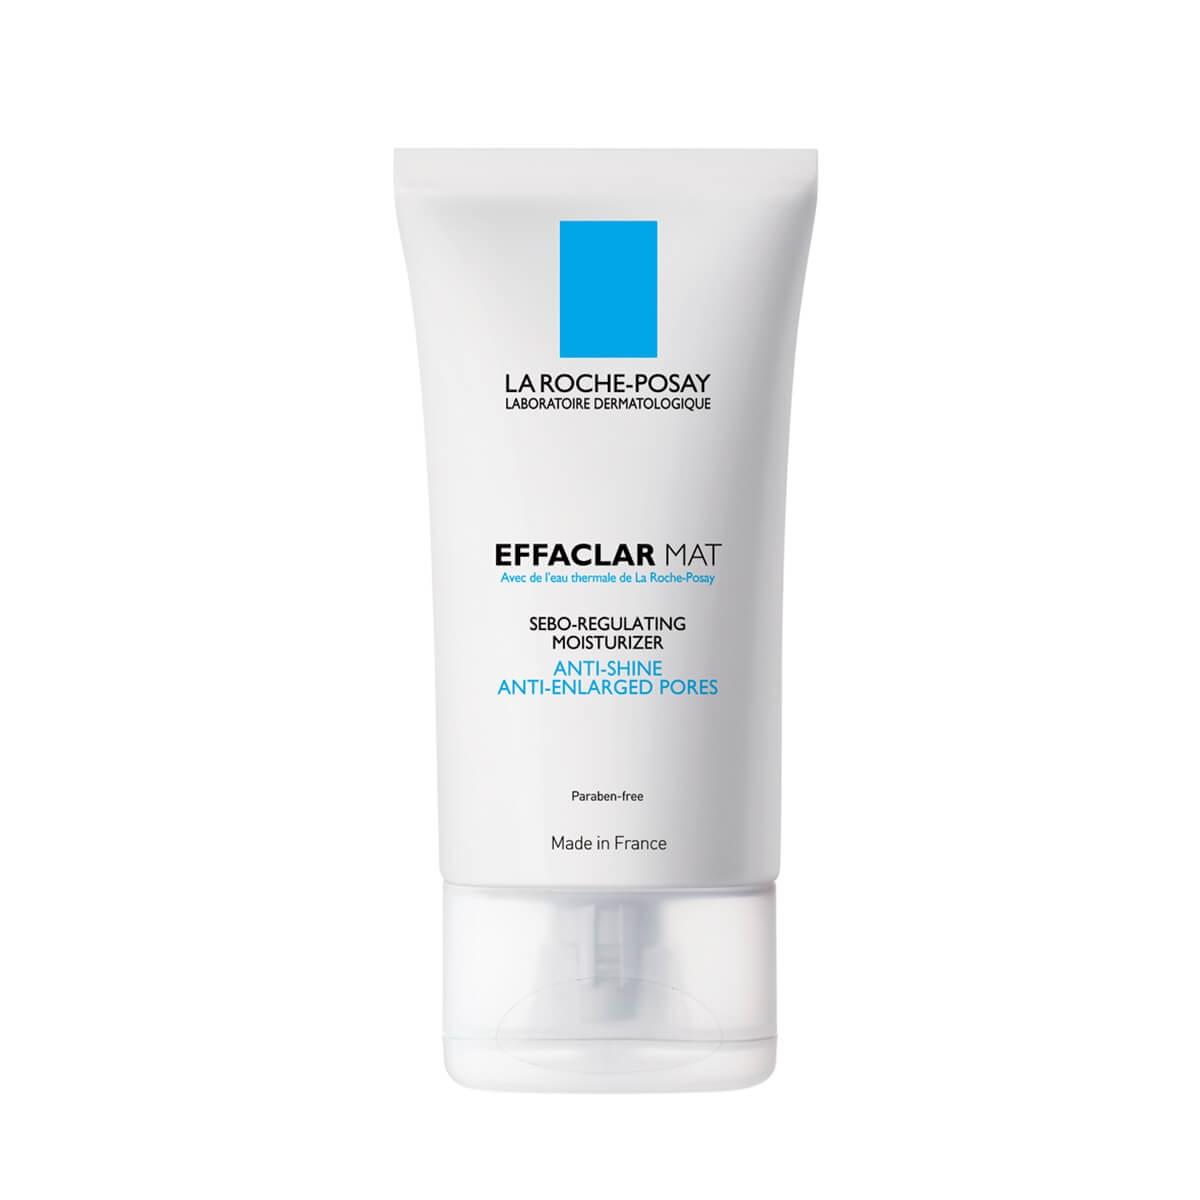 Hidratante Facial Effaclar Mat La Roche-Posay com 40ml 40ml